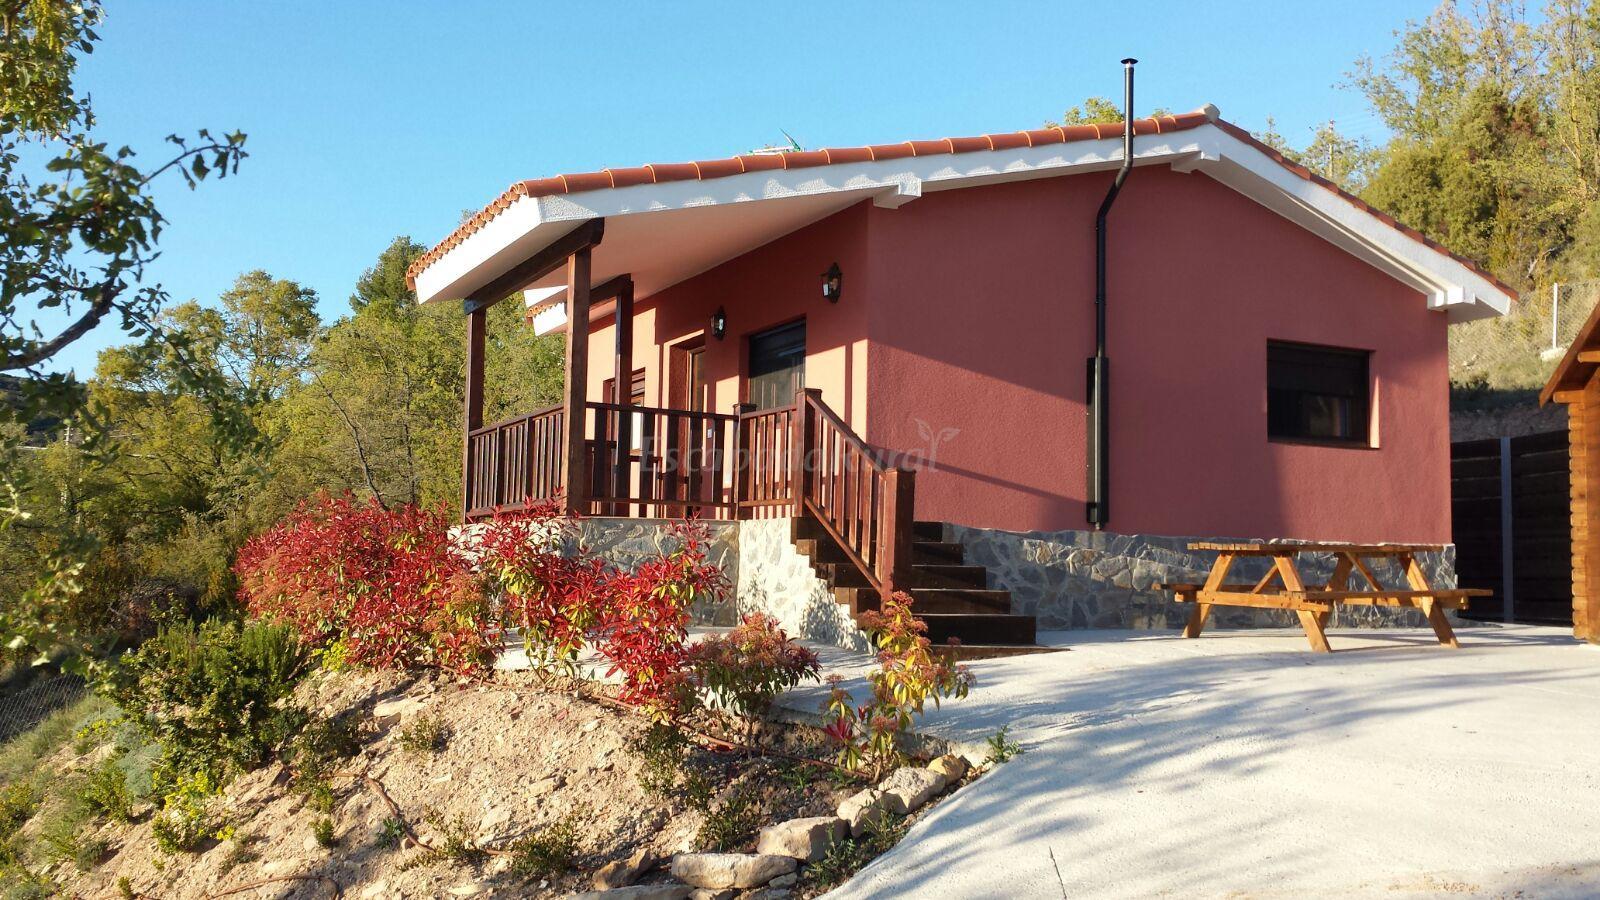 Fotos de la caseta del montsec casa rural en ger lleida - Casa rural ager ...